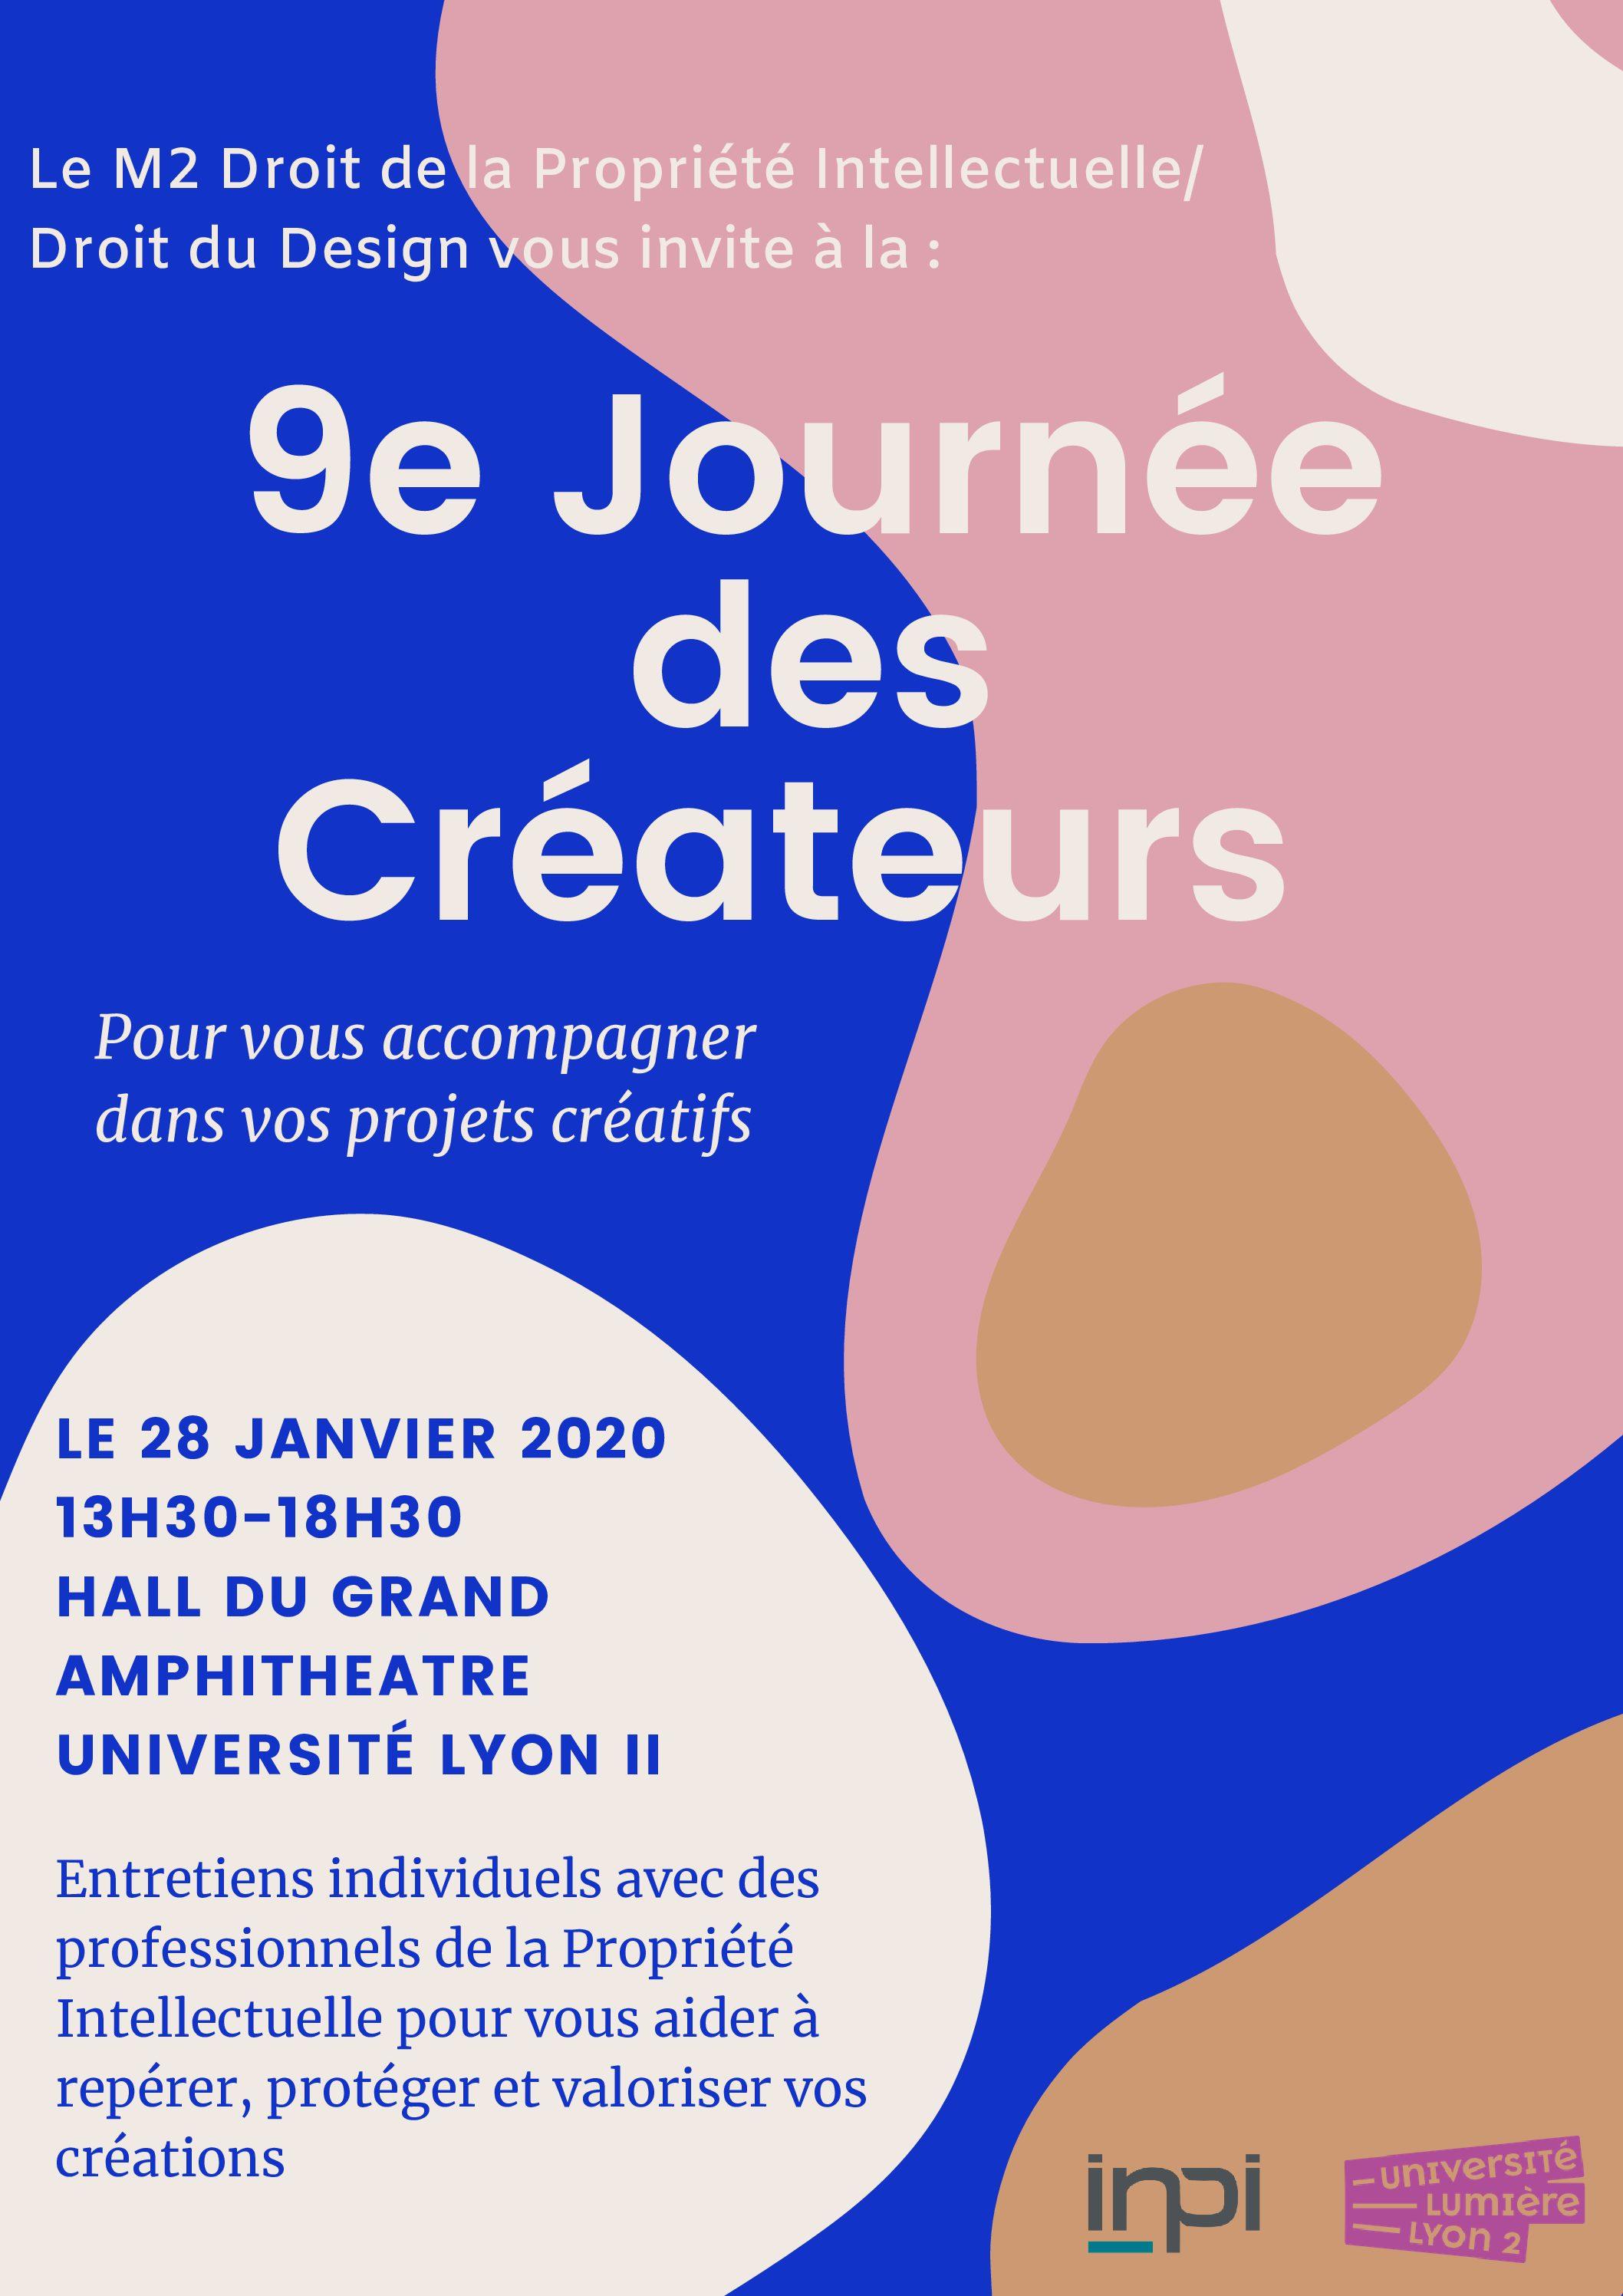 Journée des Créateurs 2020